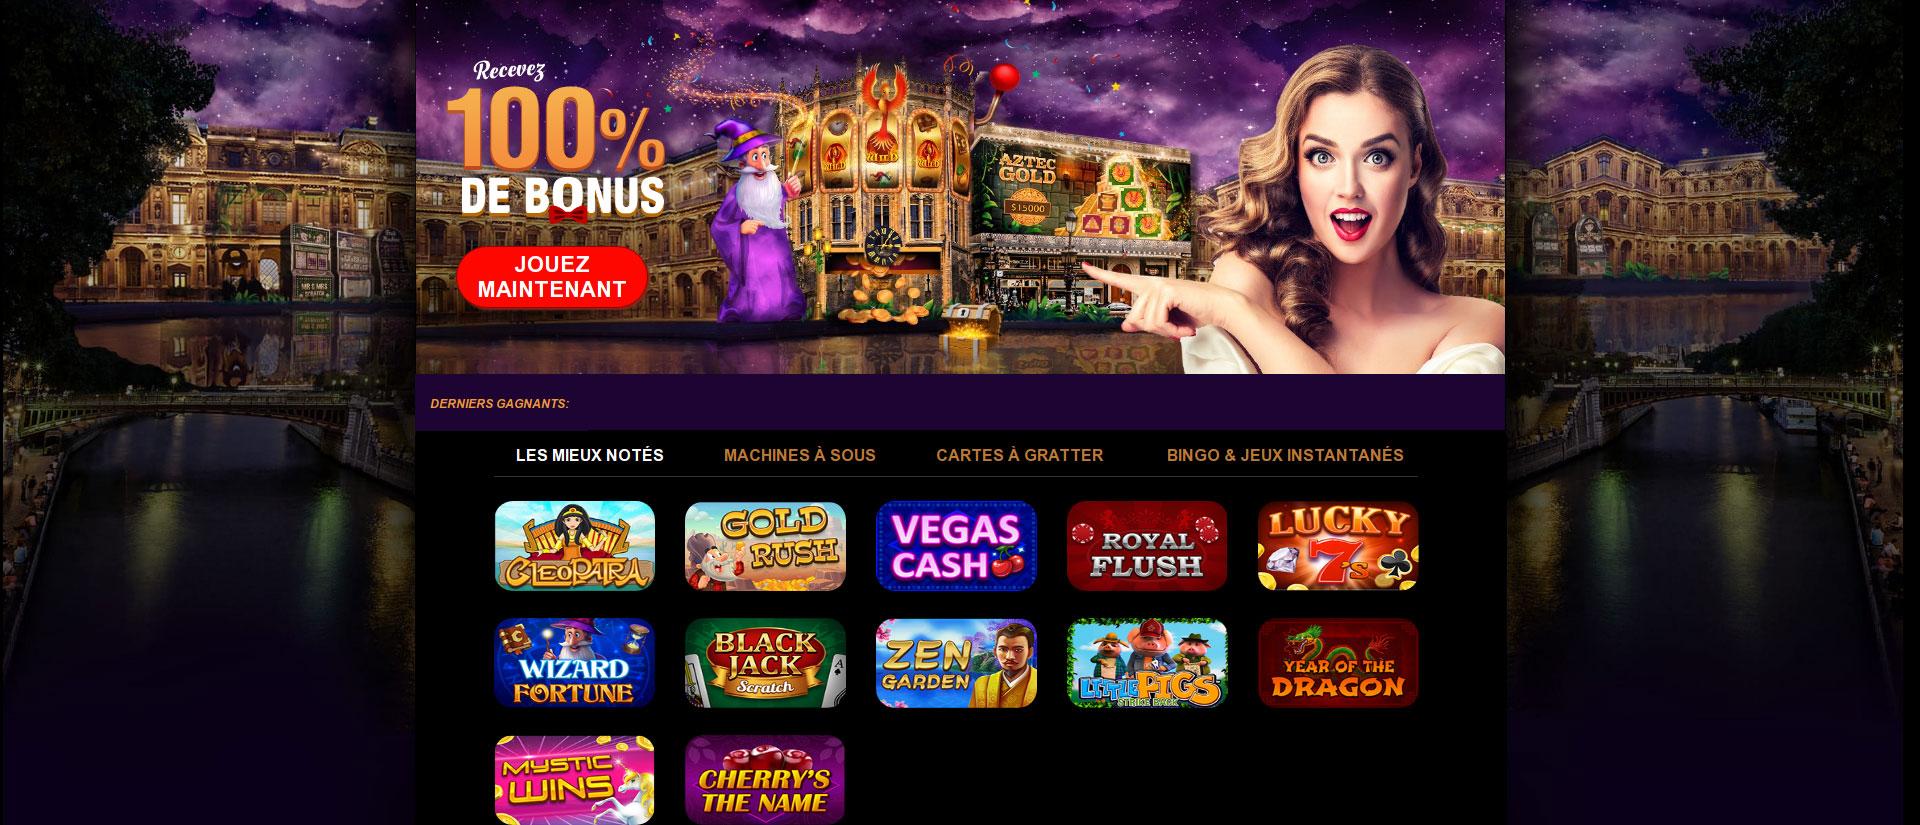 Noir casino, une renommé pas aussi sombre qu'on le pense !